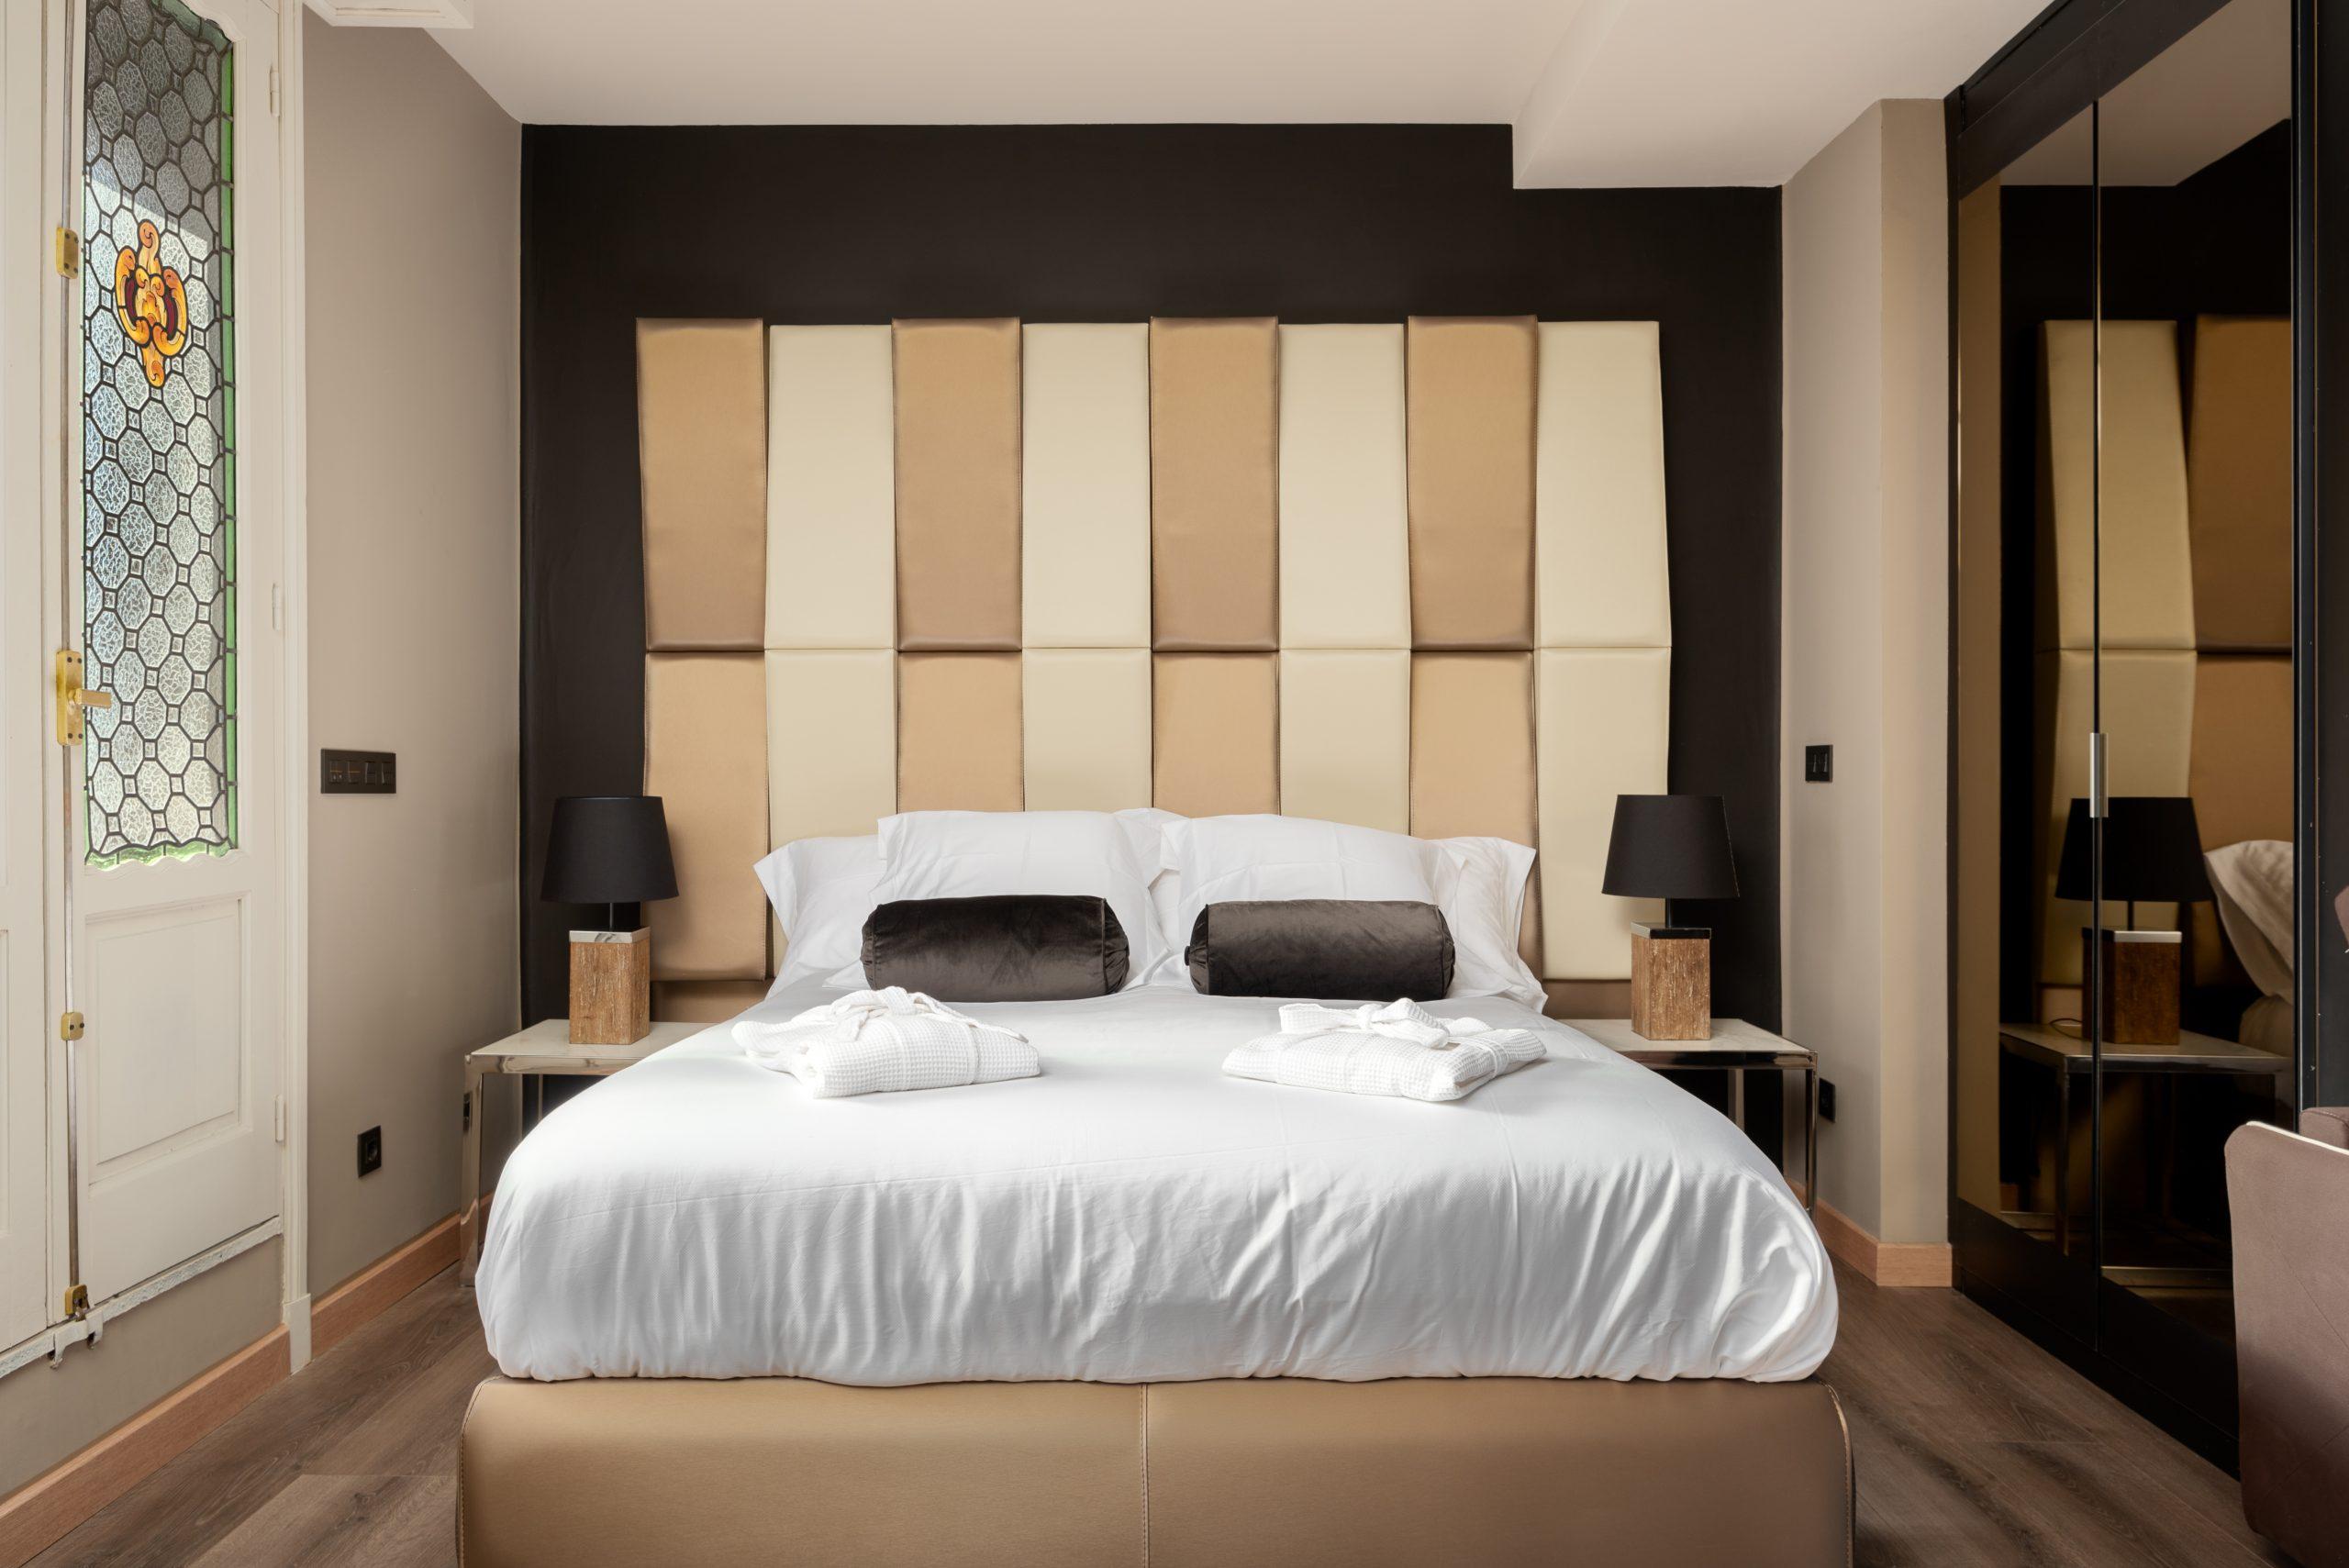 Apartamento-Suite-Atico-61-Oviedo-1907-01